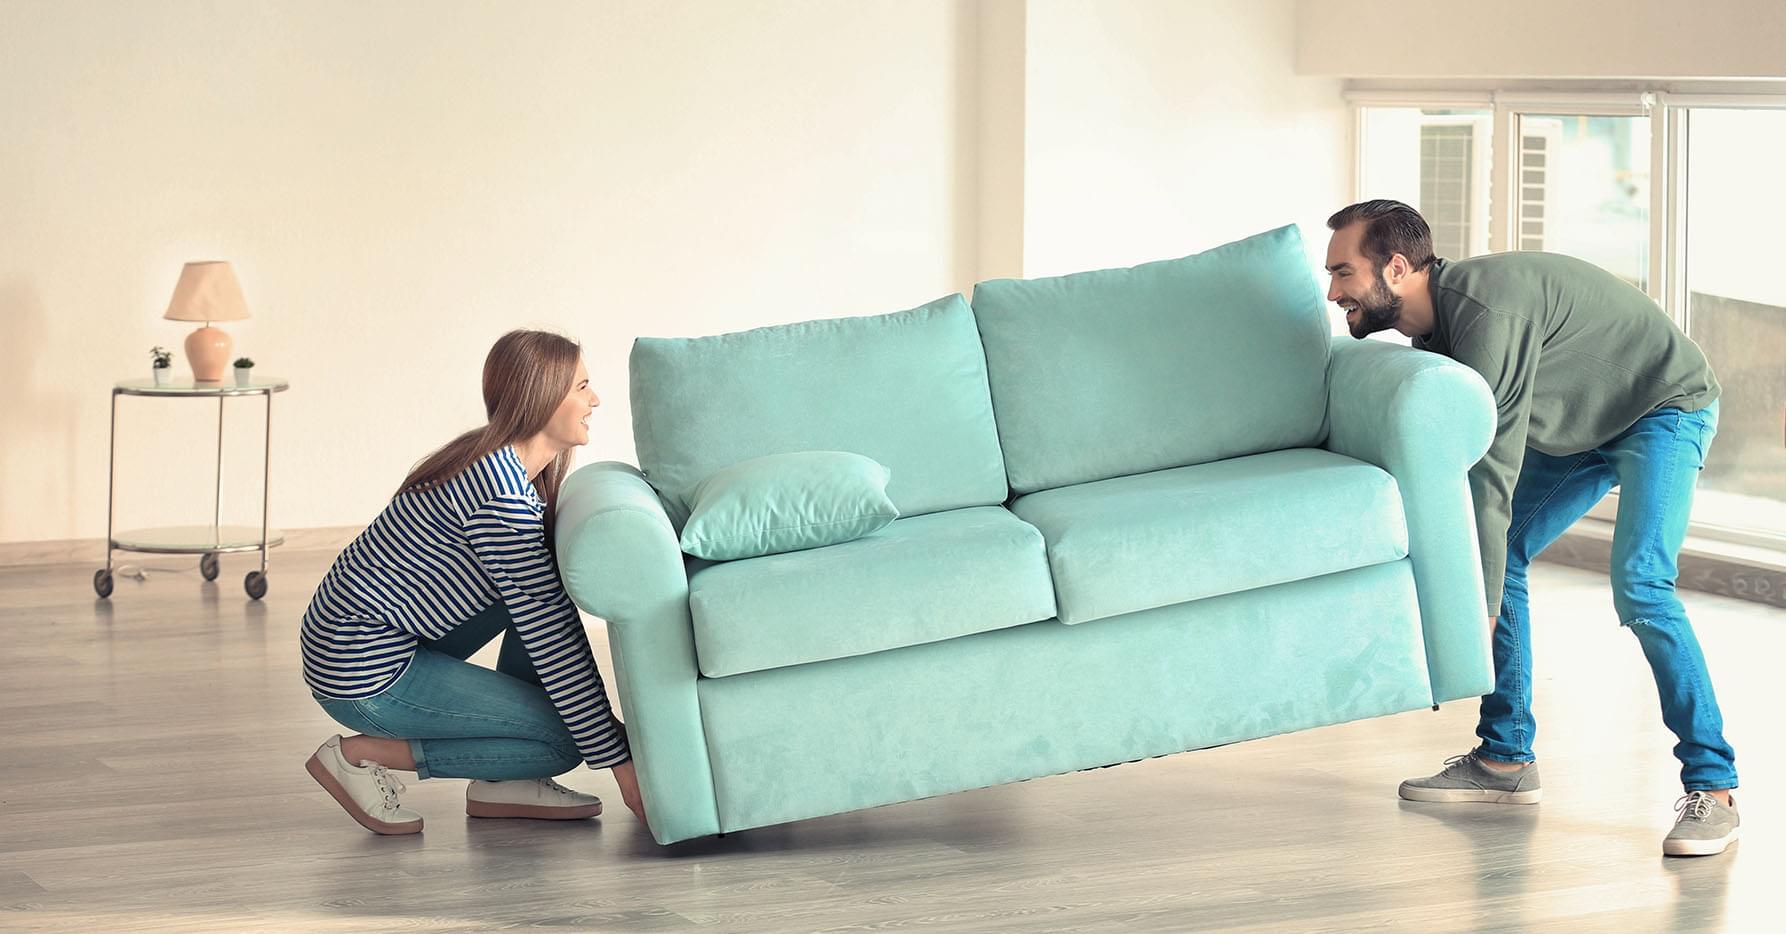 Ideas para decorar tu casa sin gastar mucho dinero for Ideas para decorar la casa sin gastar mucho